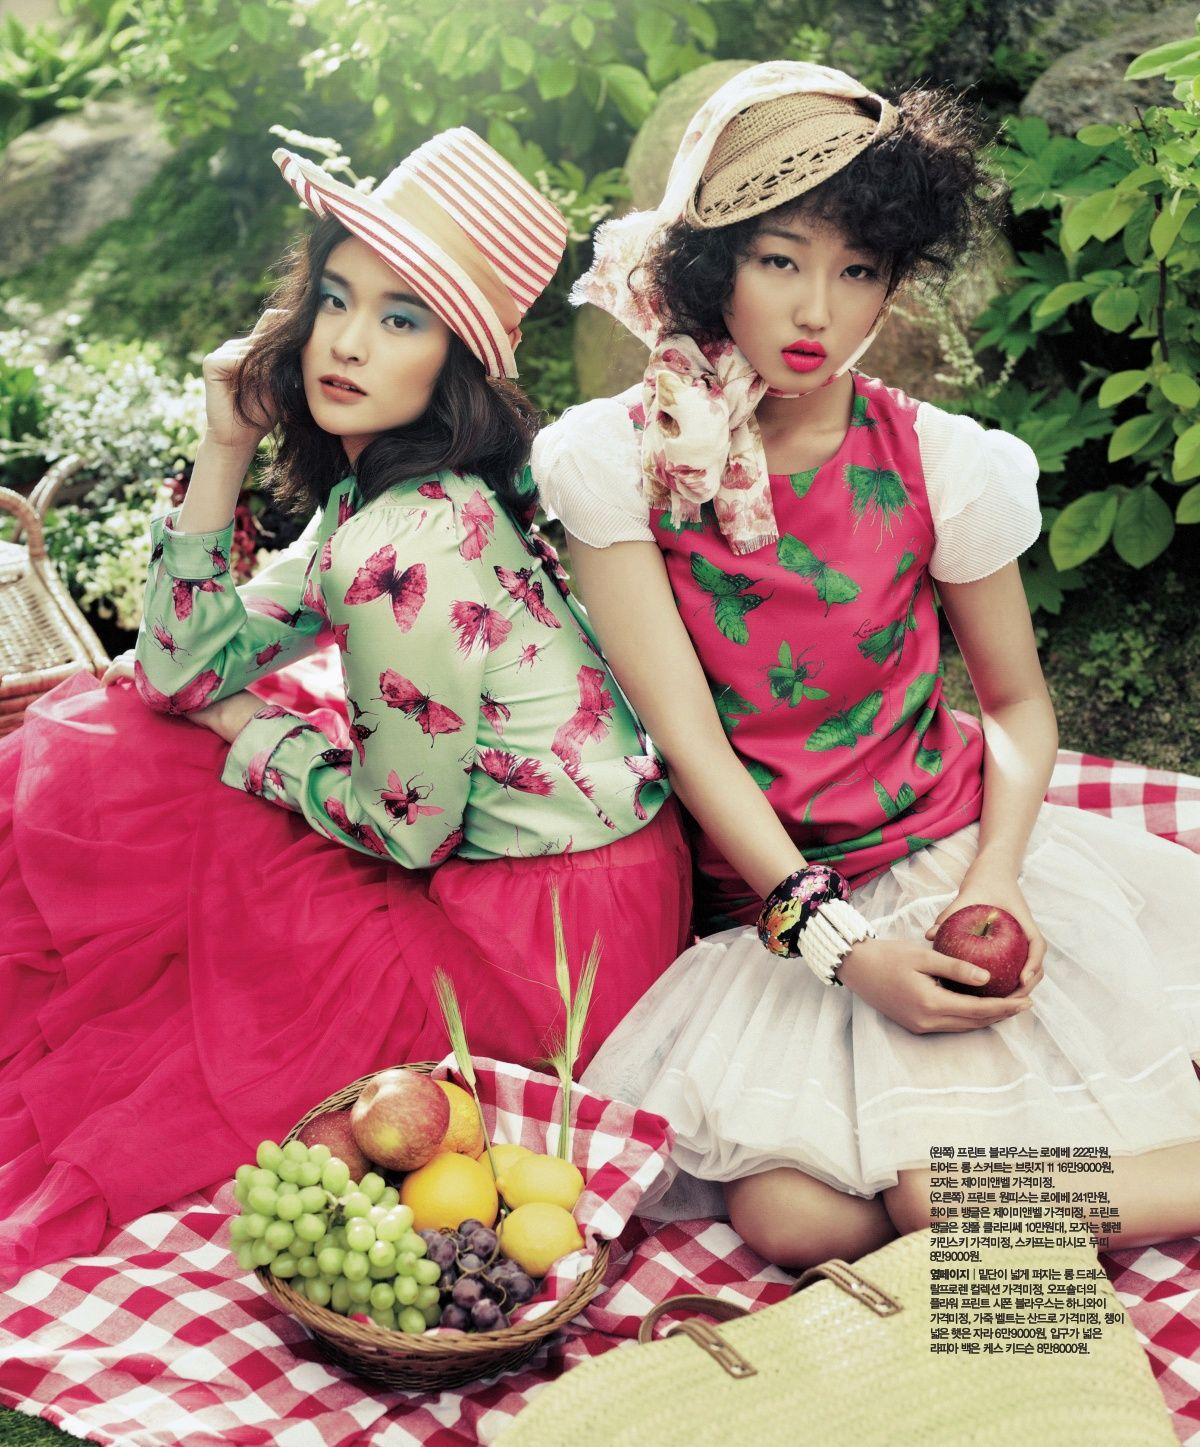 dress - Picnic stylish outfits video